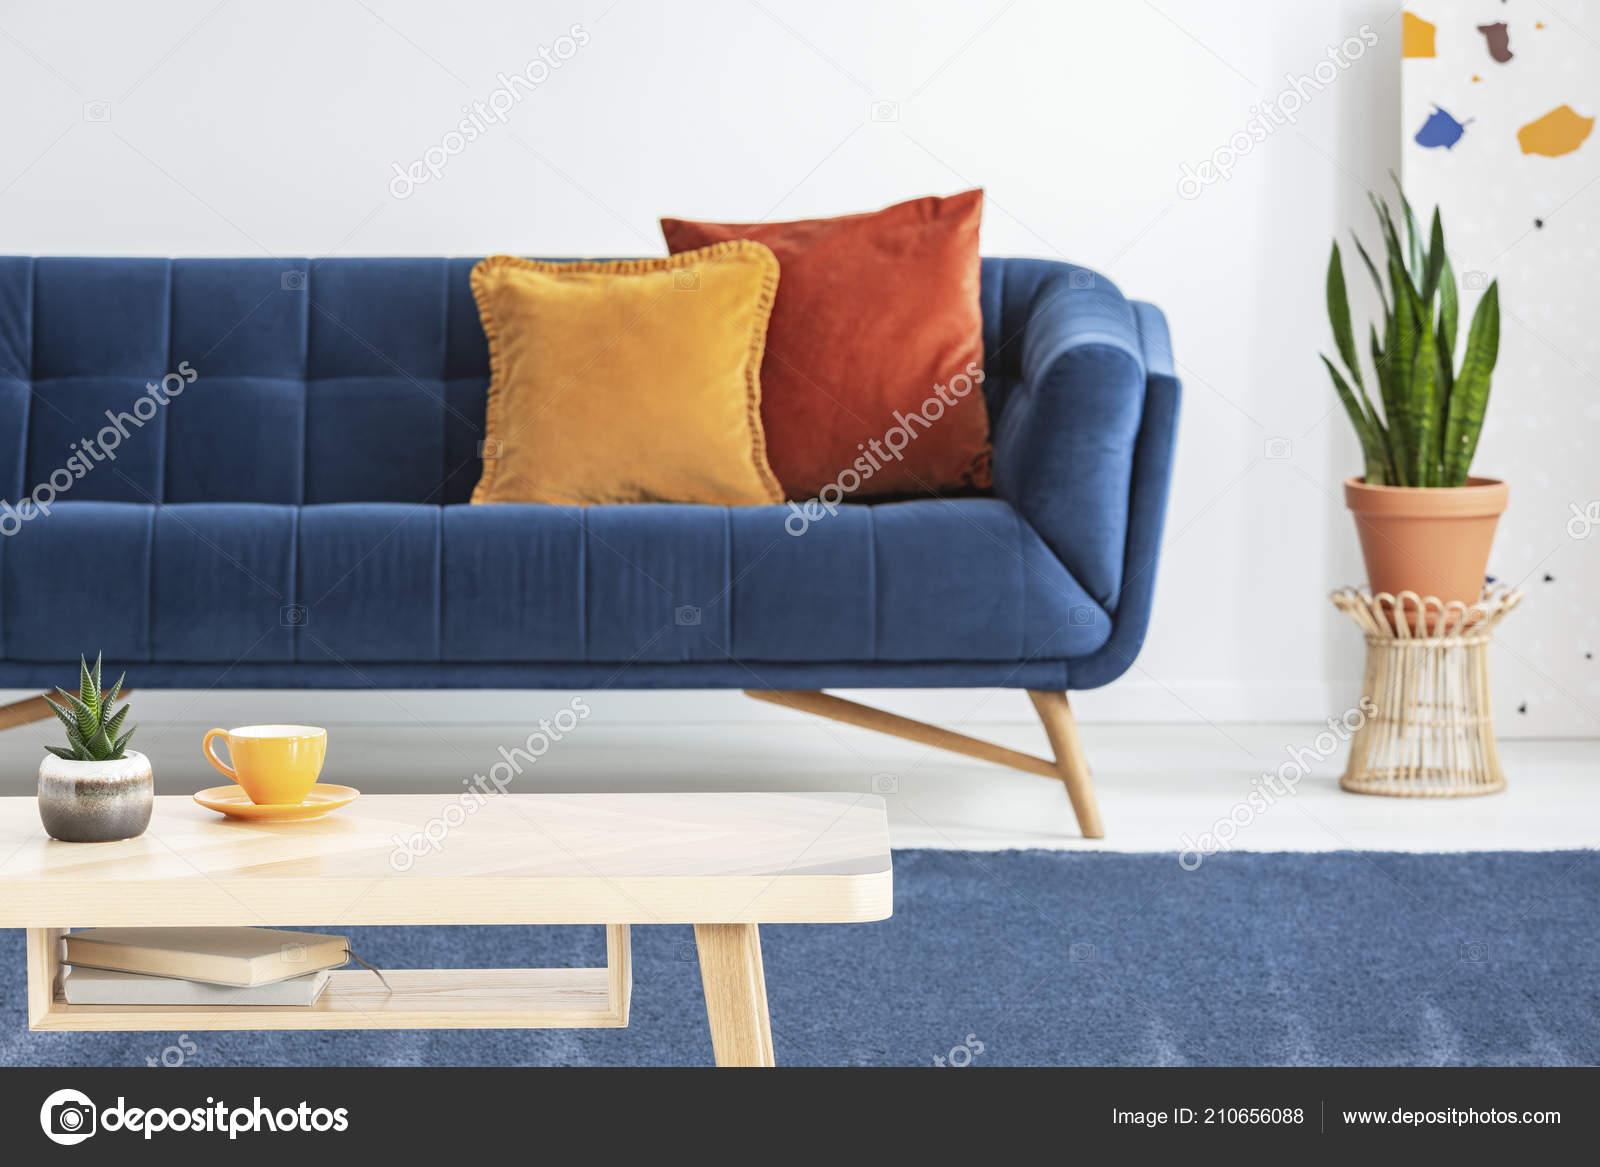 Neben Blauen Couch Mit Orange Kissen Wohnzimmer Interieur Mit